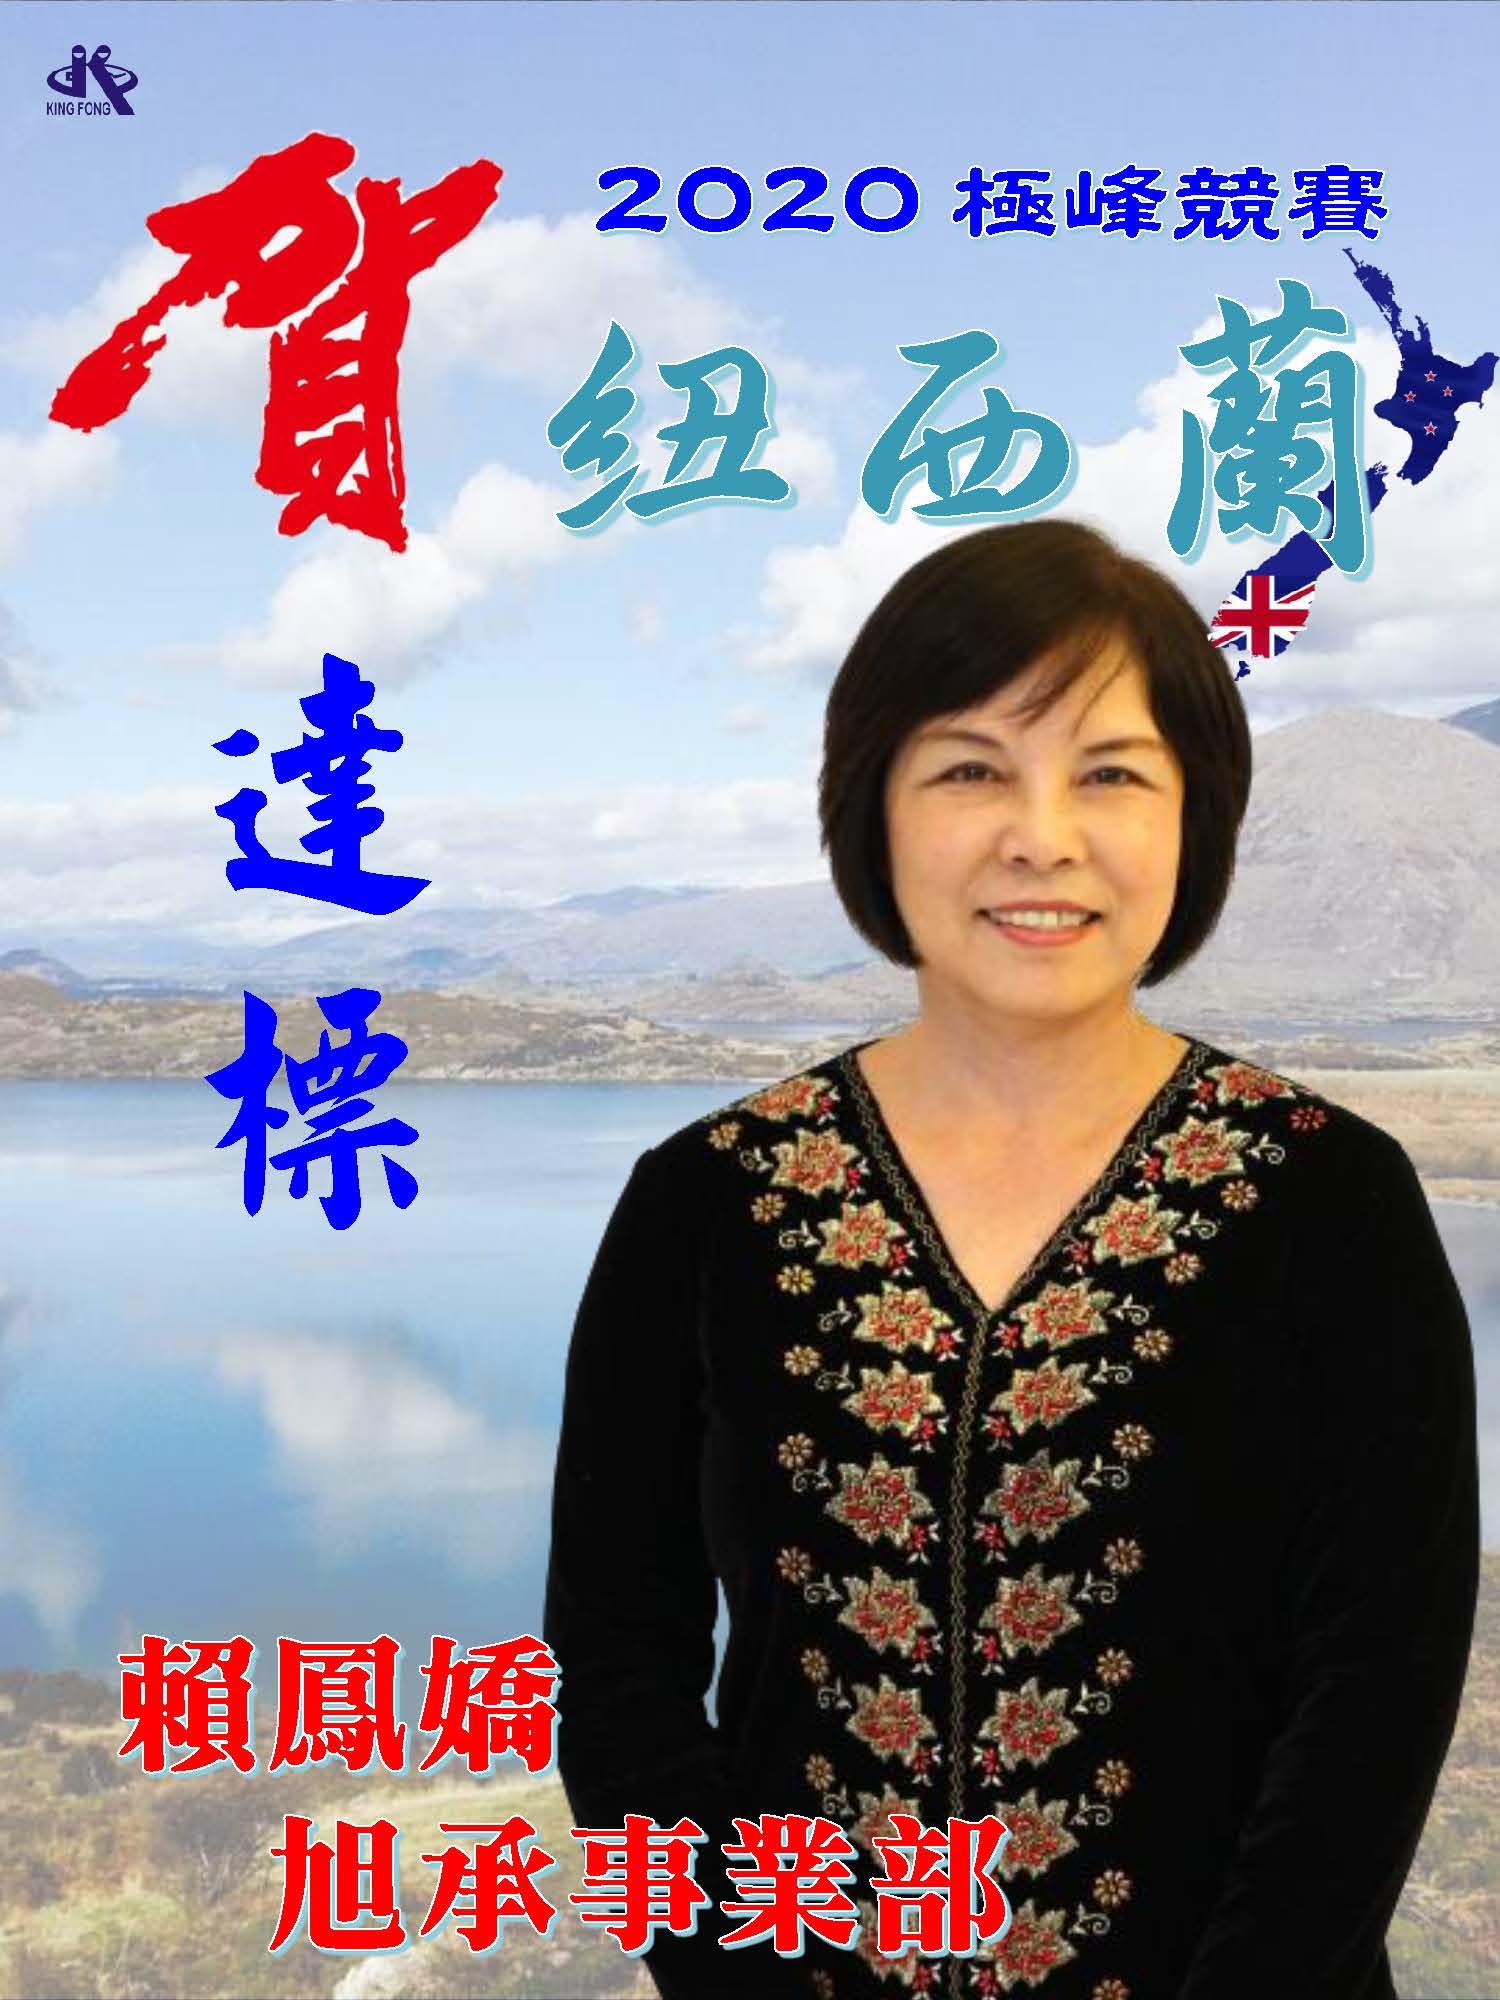 20200707-2020年極峰競賽紐西蘭英雄榜-賴鳳嬌